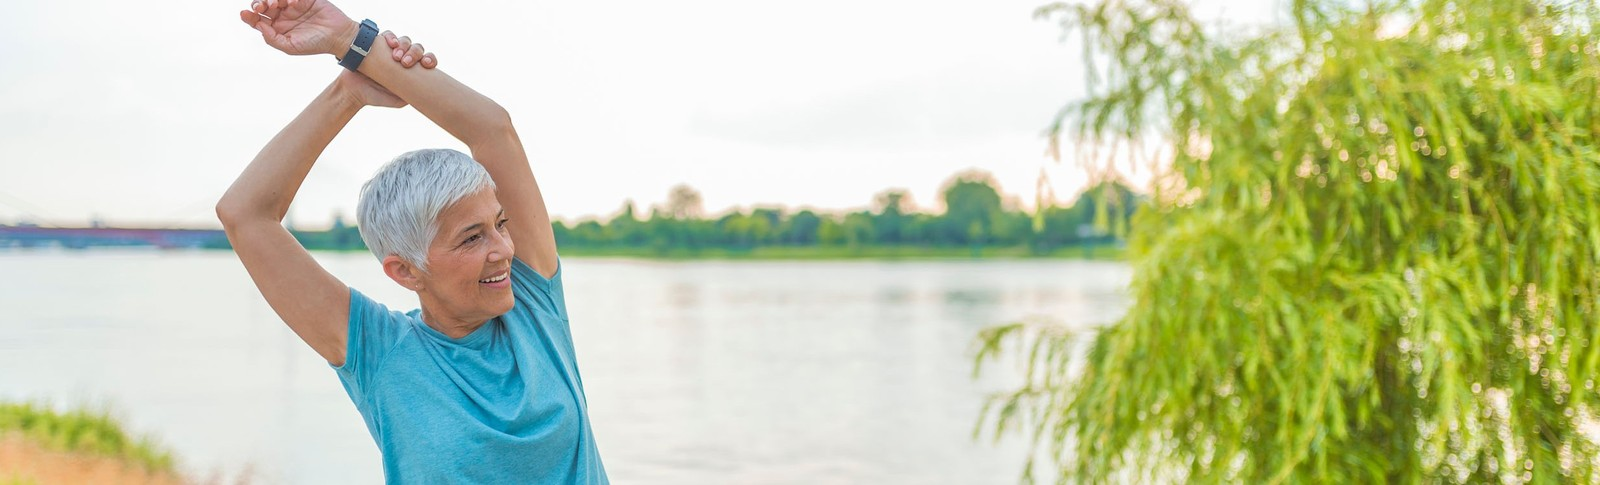 ältere Dame zeigt das Ergebnis ihrer erfolgreichen Fettabsaugung an den Oberarmen in den Moser Kliniken